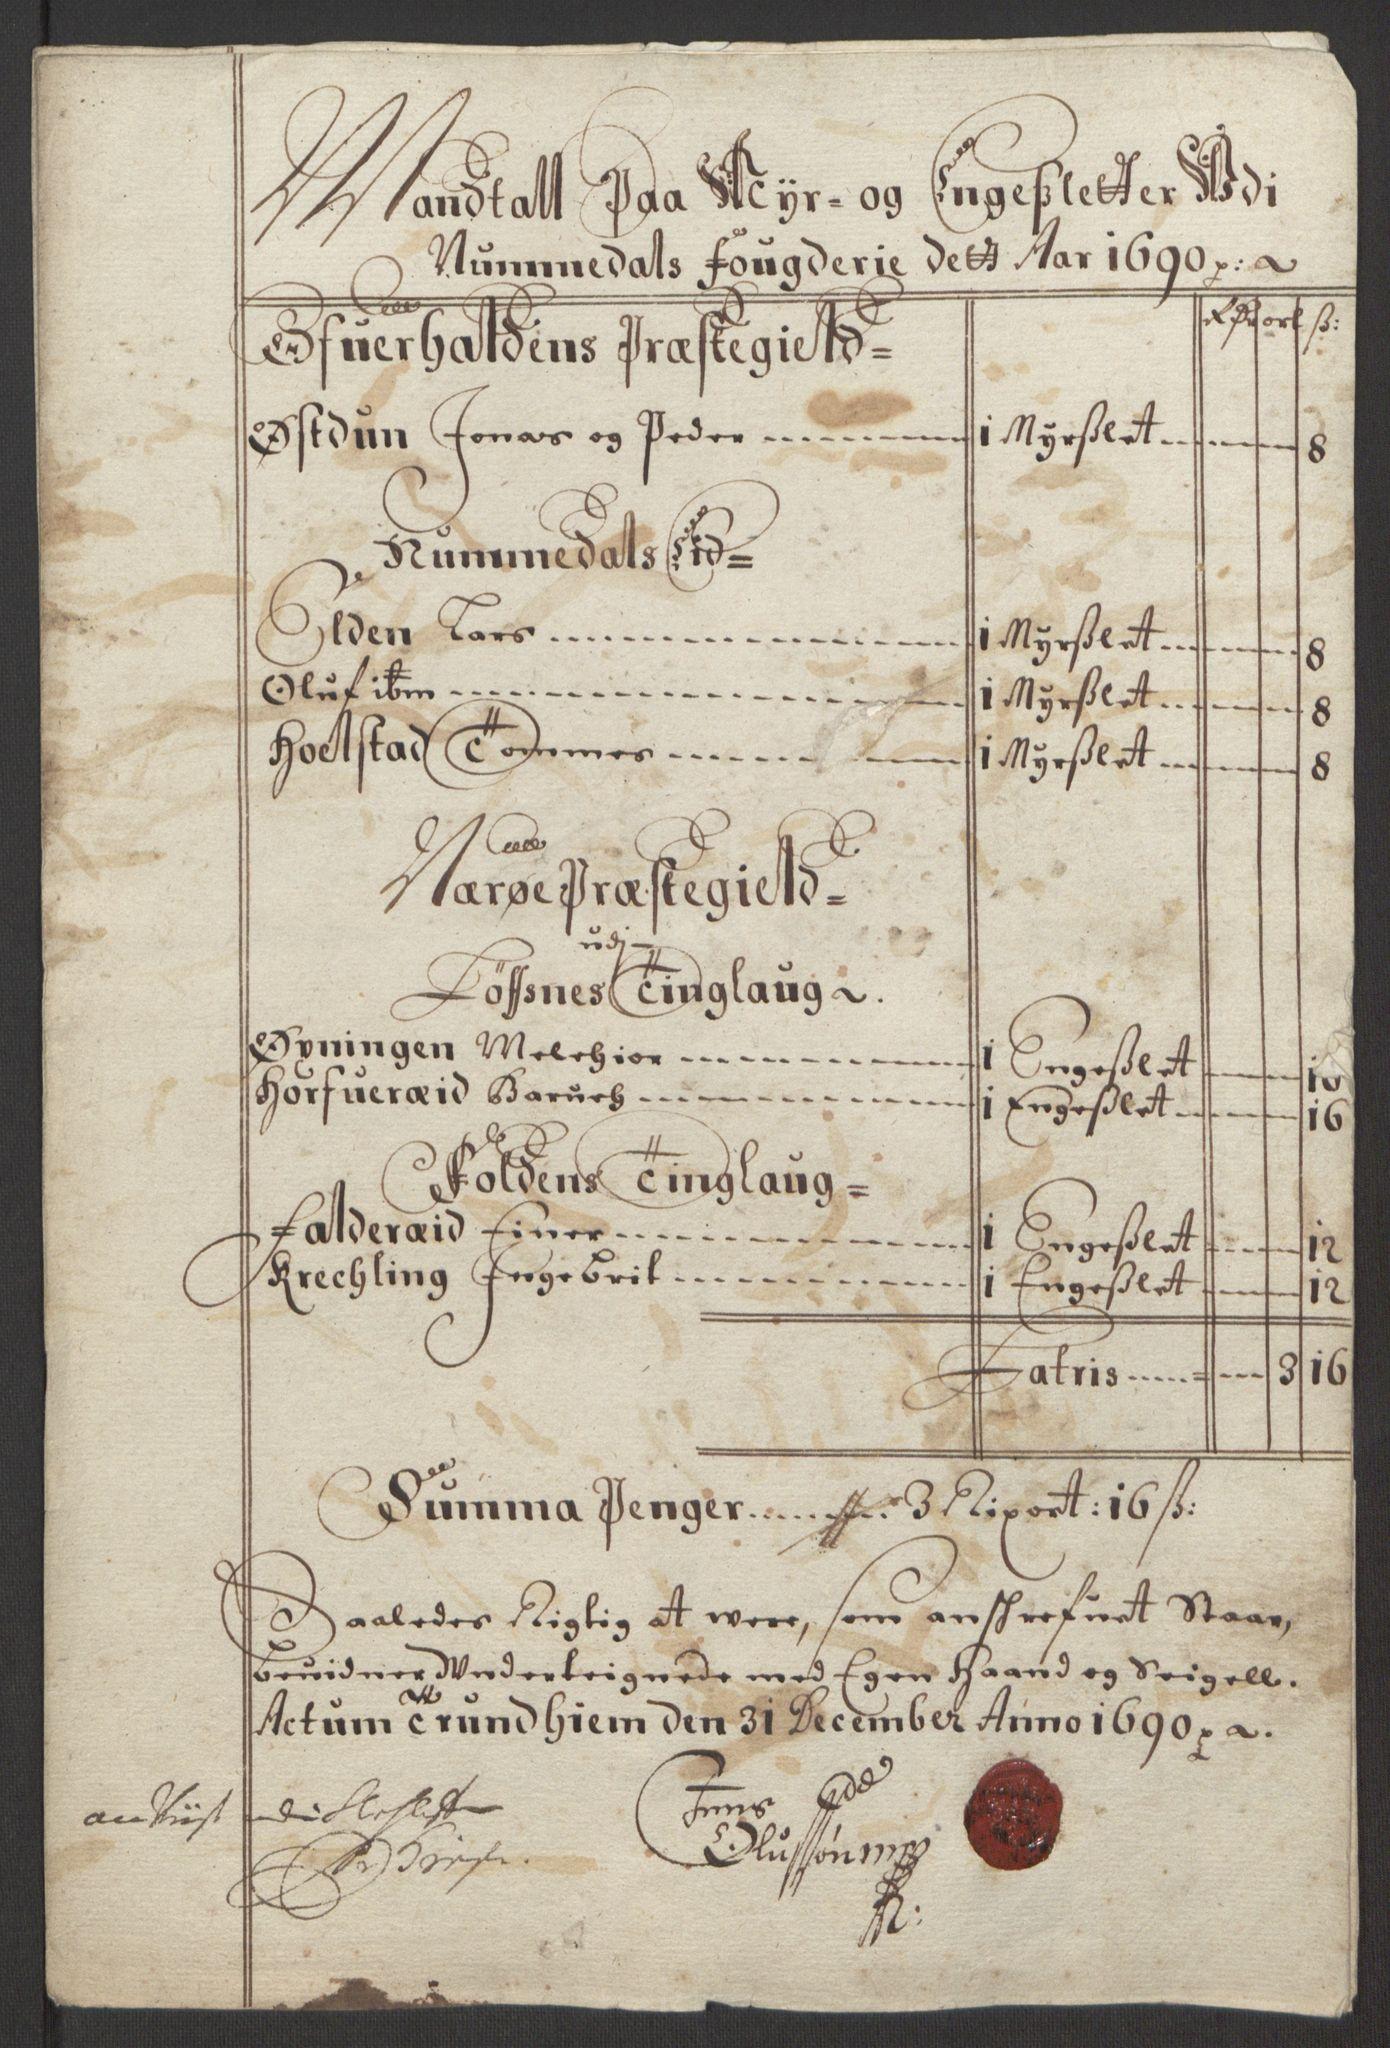 RA, Rentekammeret inntil 1814, Reviderte regnskaper, Fogderegnskap, R64/L4423: Fogderegnskap Namdal, 1690-1691, s. 11